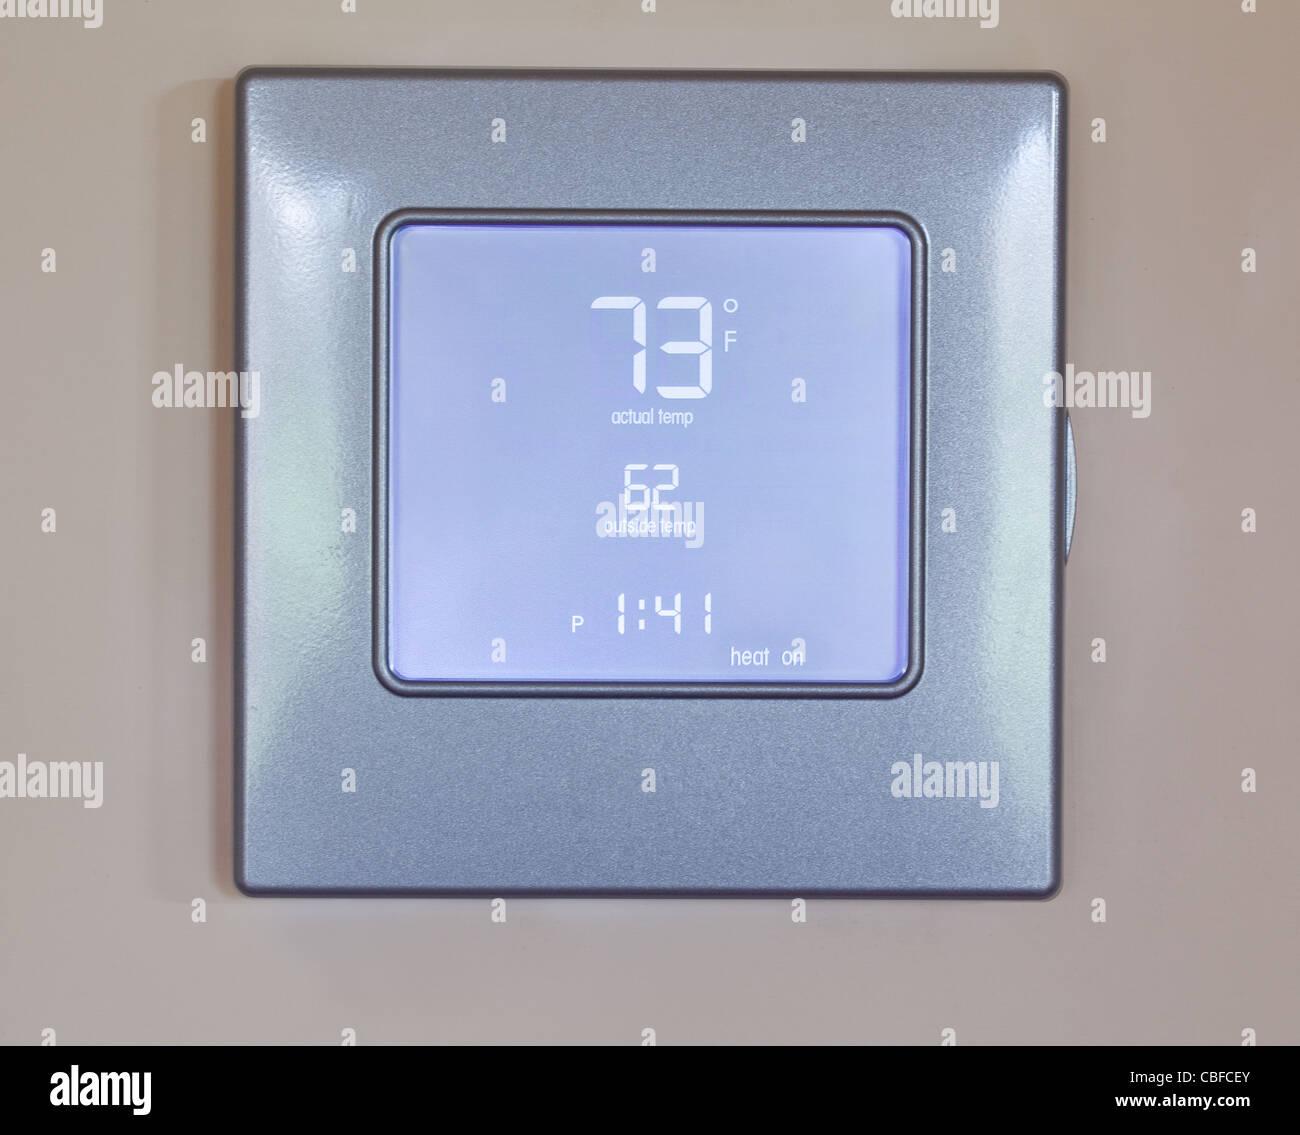 Termostato electrónico con pantalla LCD azul para el control de aire acondicionado y calefacción HVAC Imagen De Stock